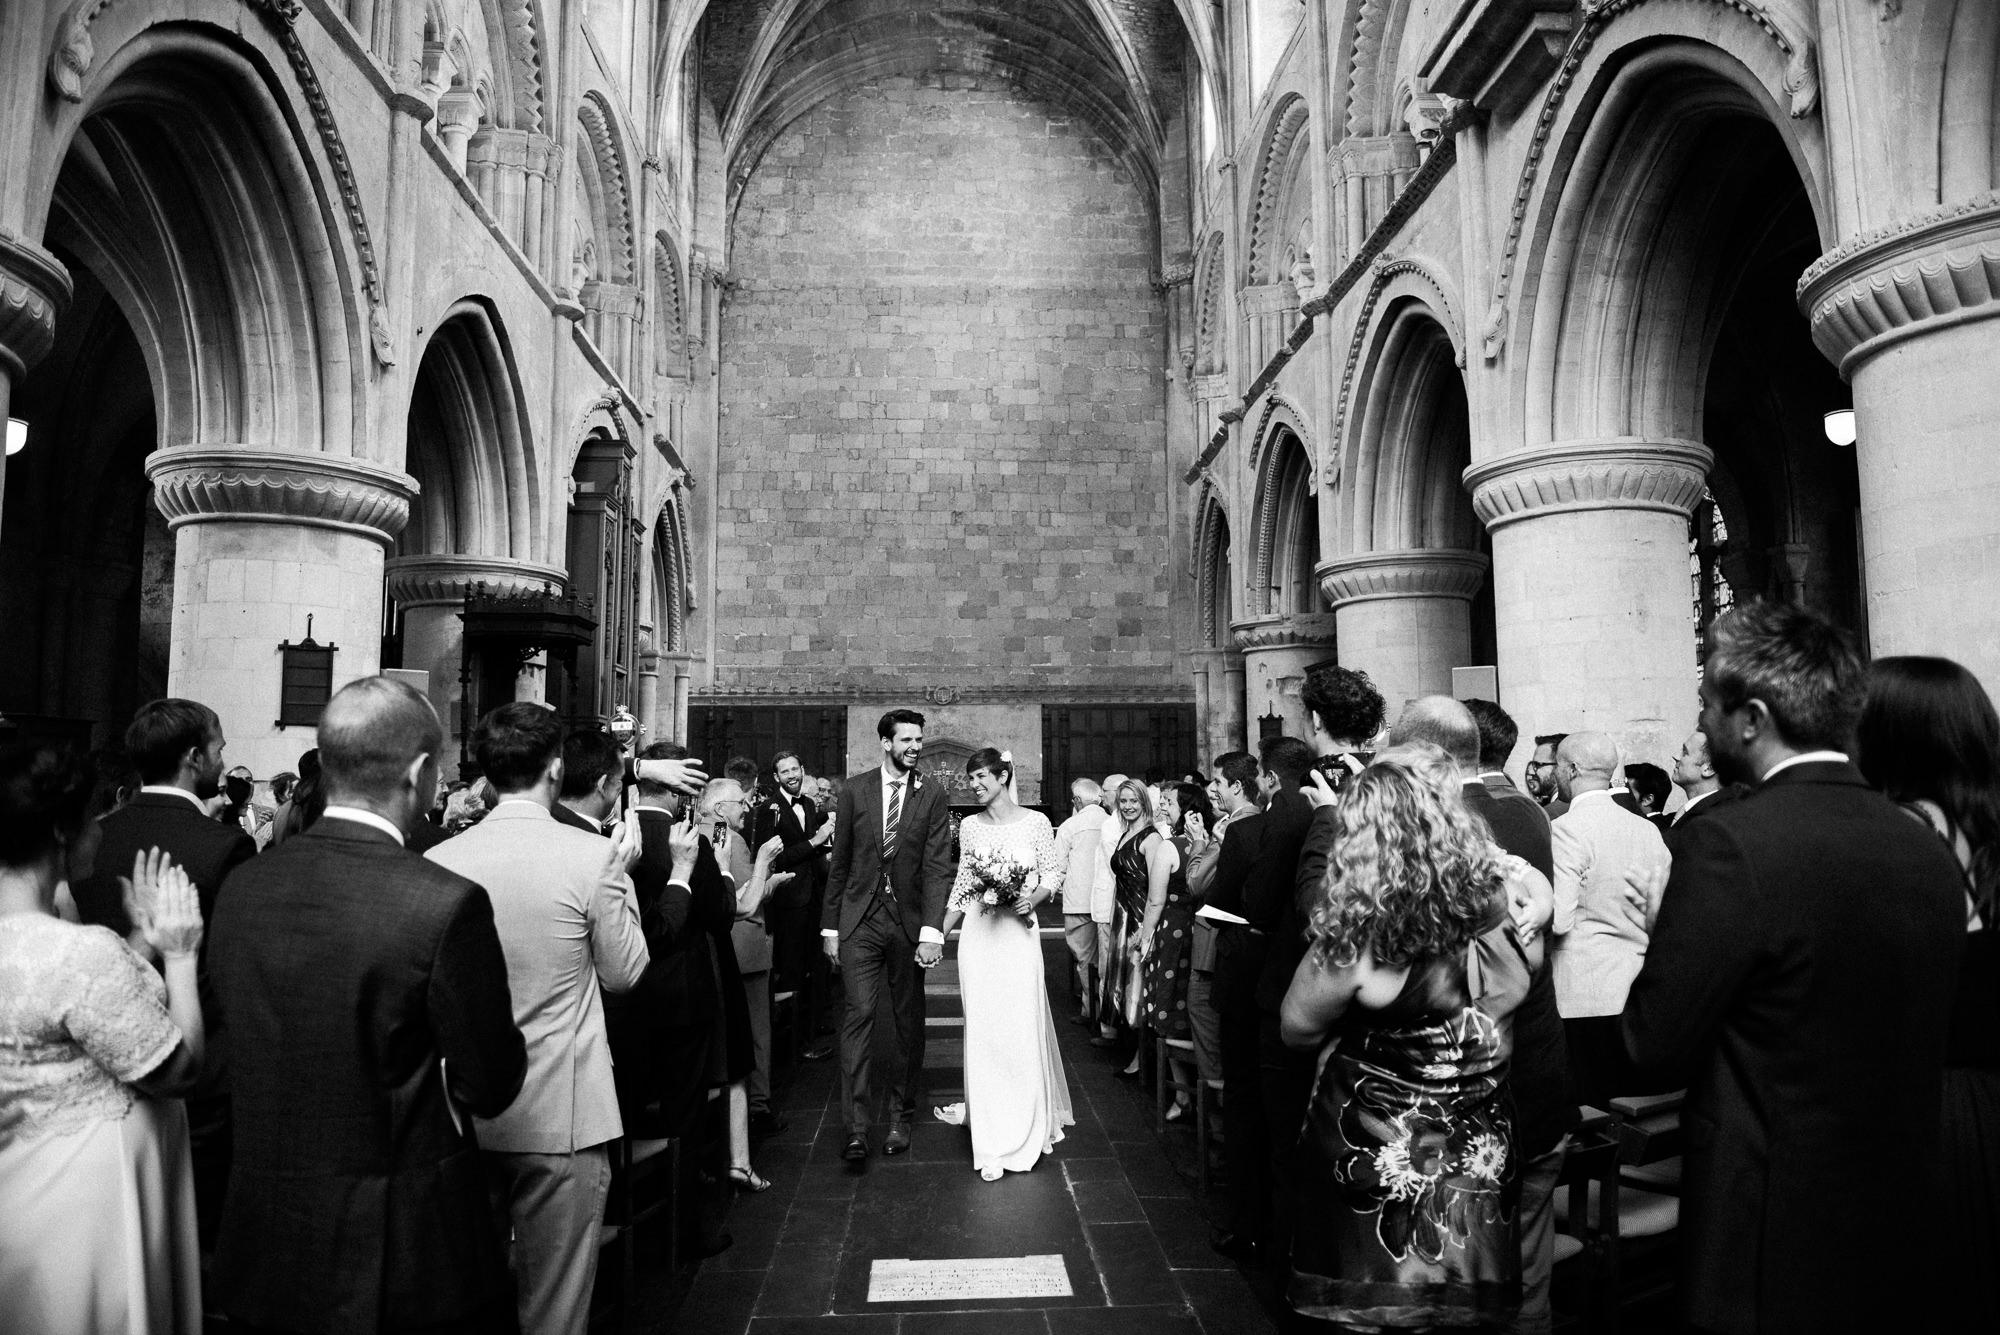 malmsbury-abbey-wedding-46